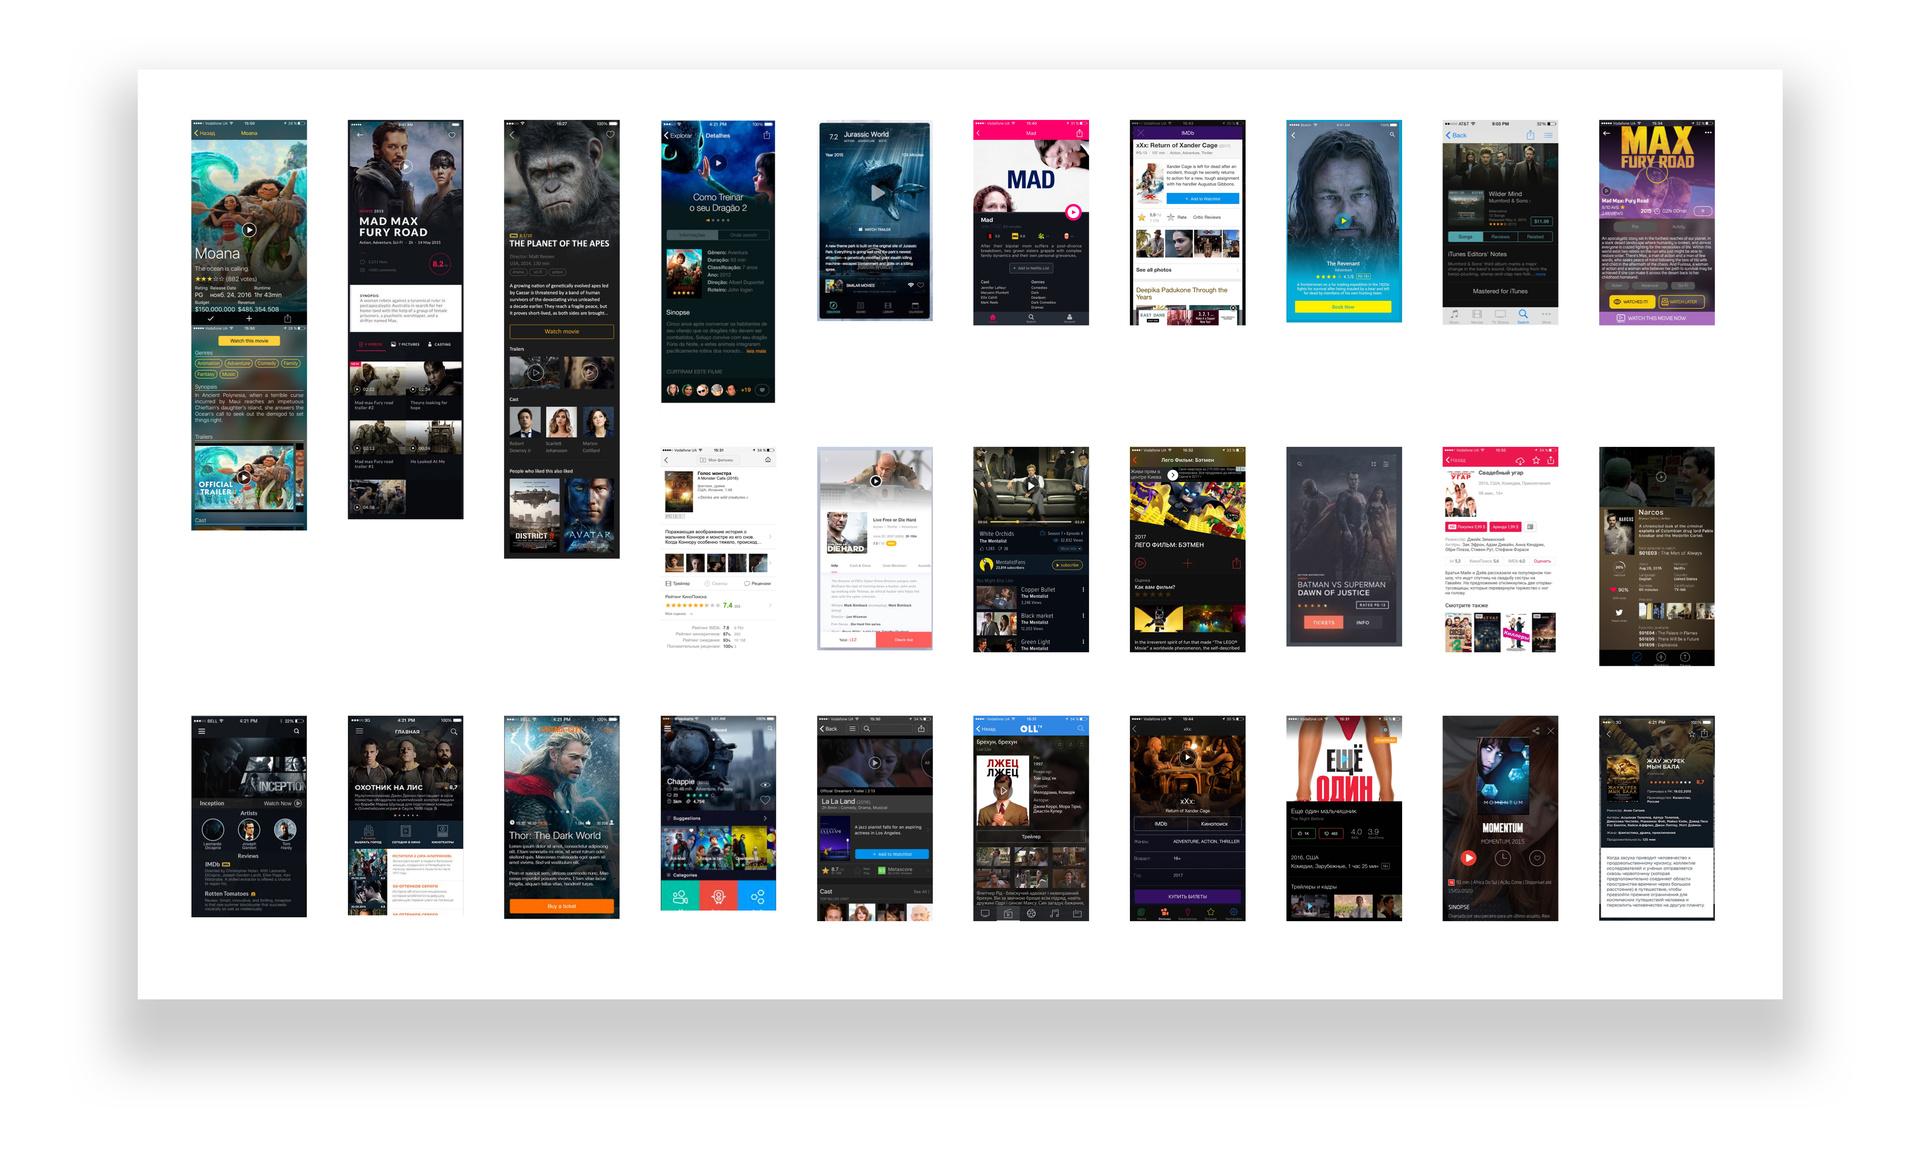 Социальная сеть для киноманов или как не закопаться, разрабатывая еще одну соцсеть